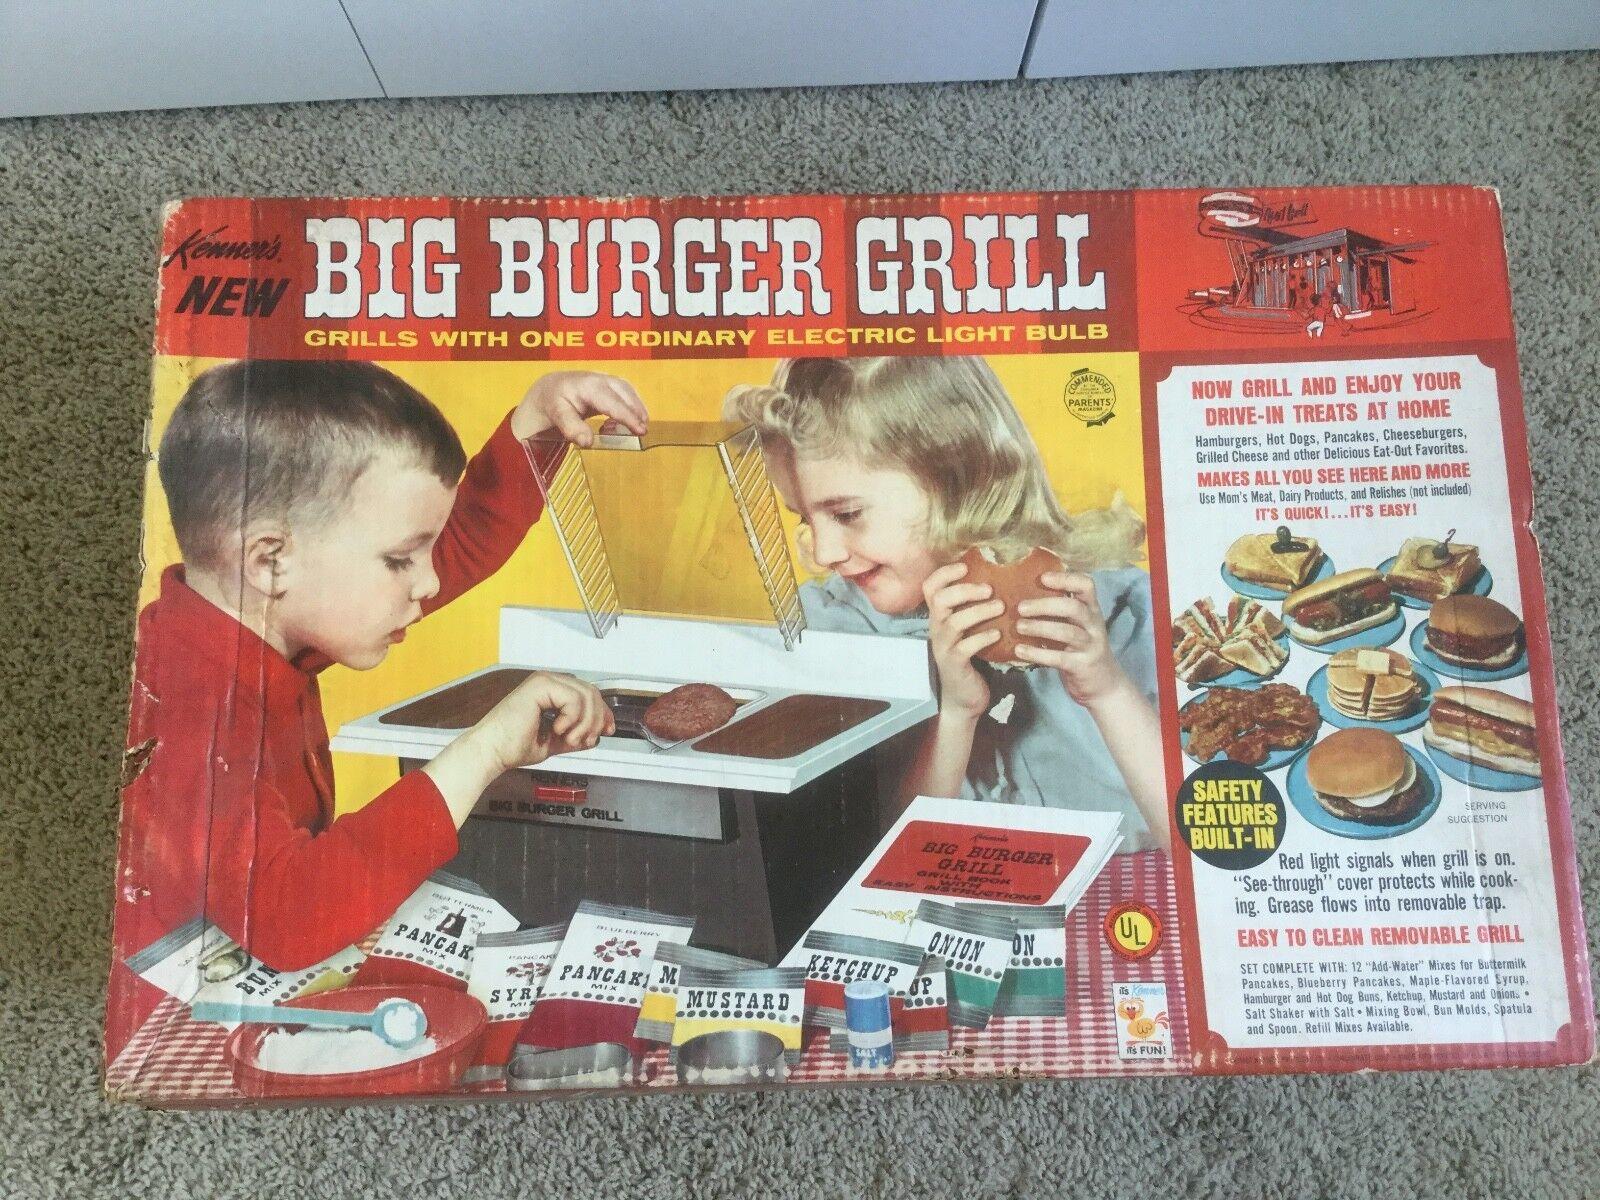 alta qualità generale RARE ORIGINAL VINTAGE giocattolo giocattolo giocattolo 1967 KENNER'S gree BURGER GRILL W scatola lavoroS. NO. 1400  ultimi stili